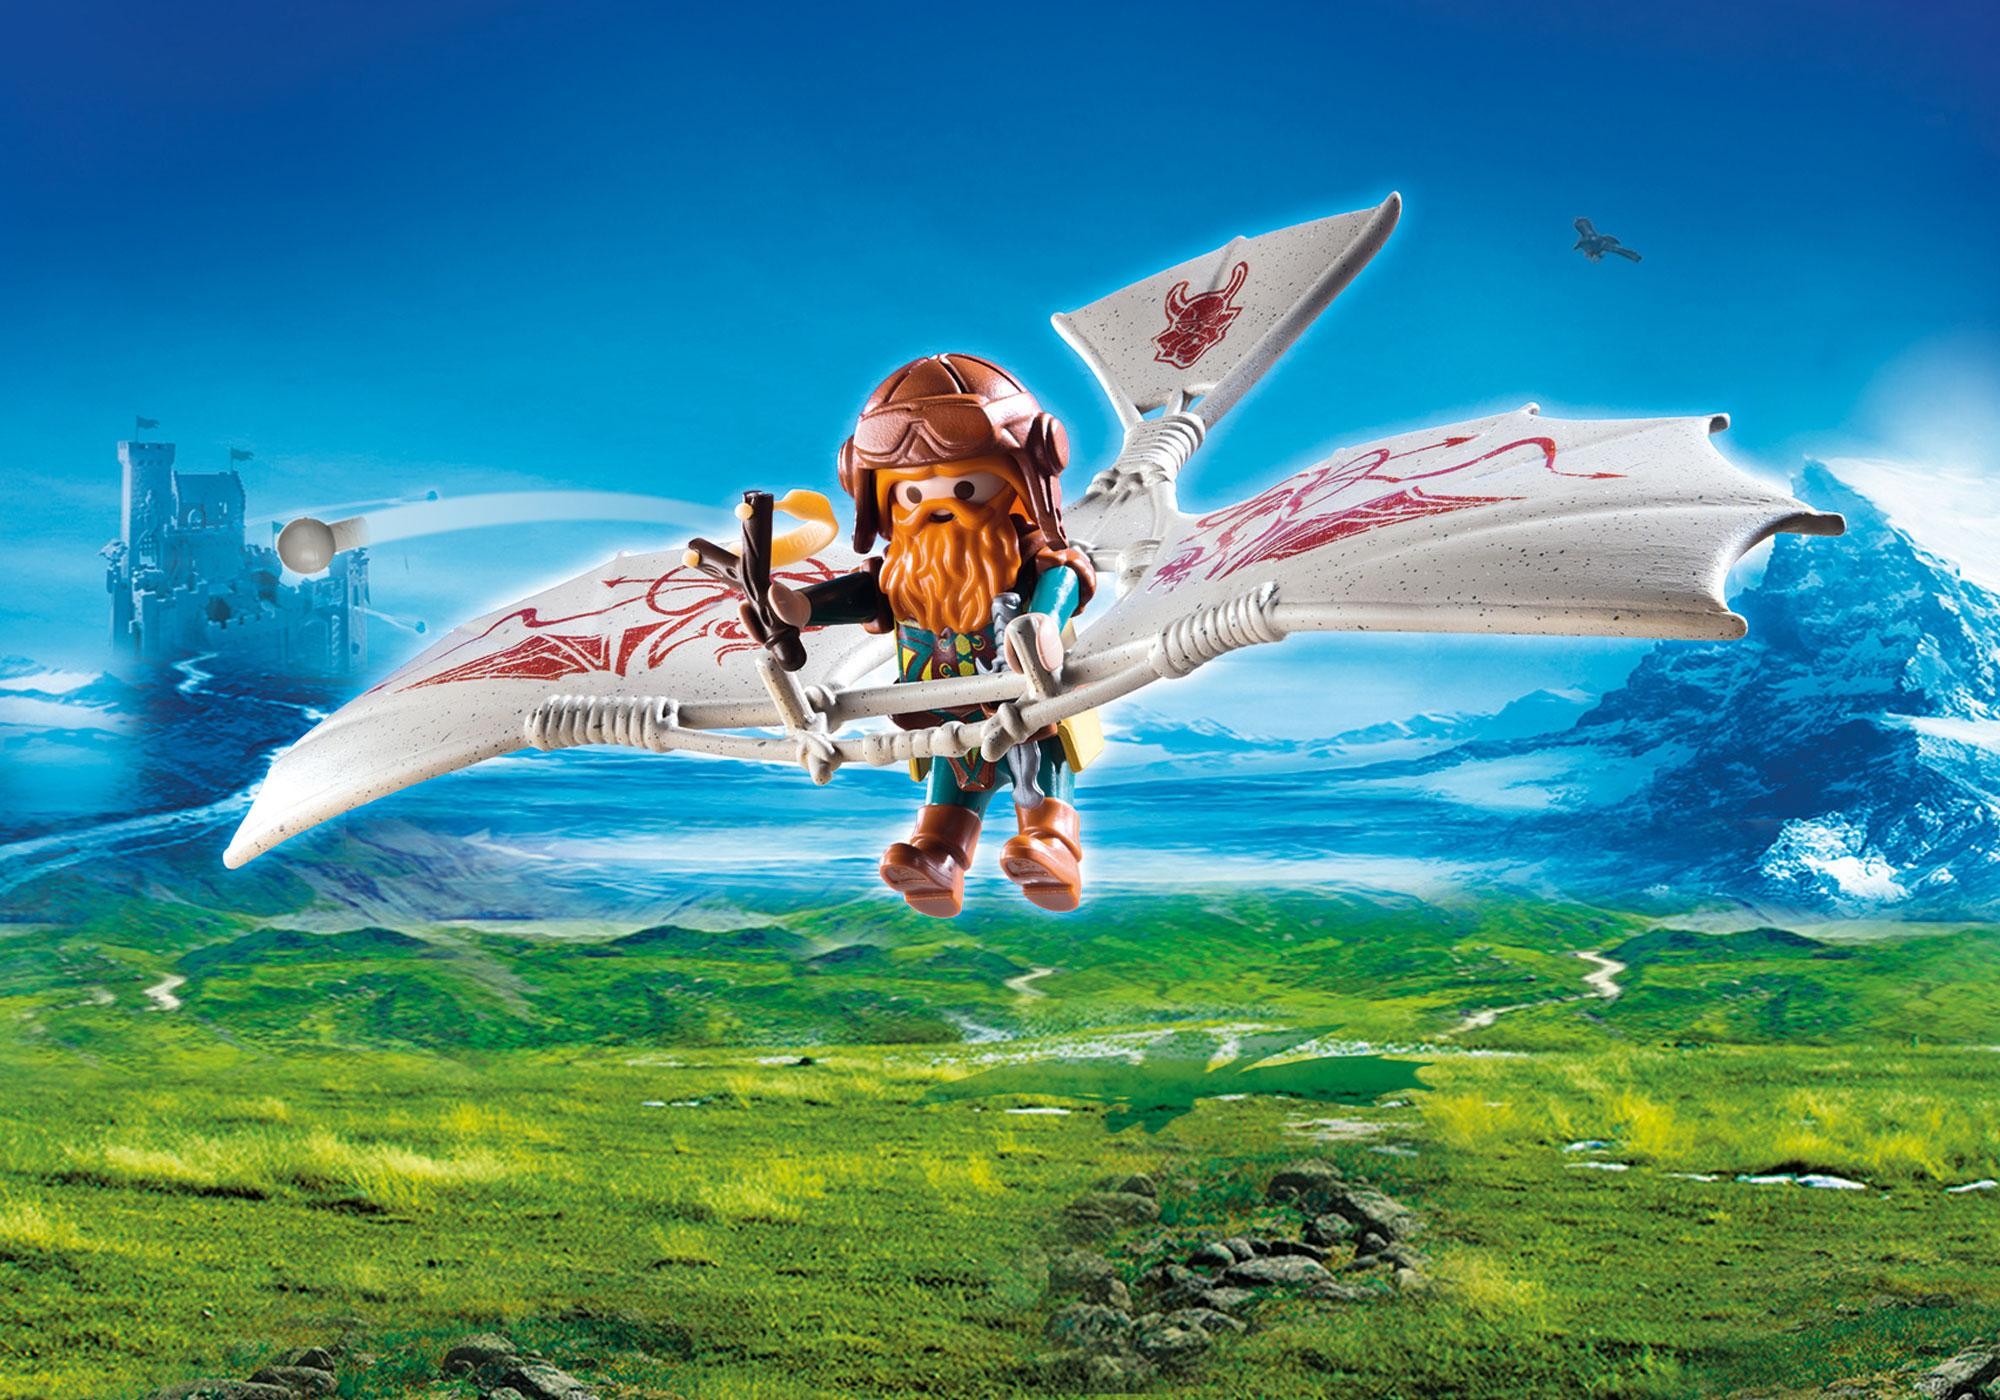 http://media.playmobil.com/i/playmobil/9342_product_detail/Maszyna latająca krasnoludów